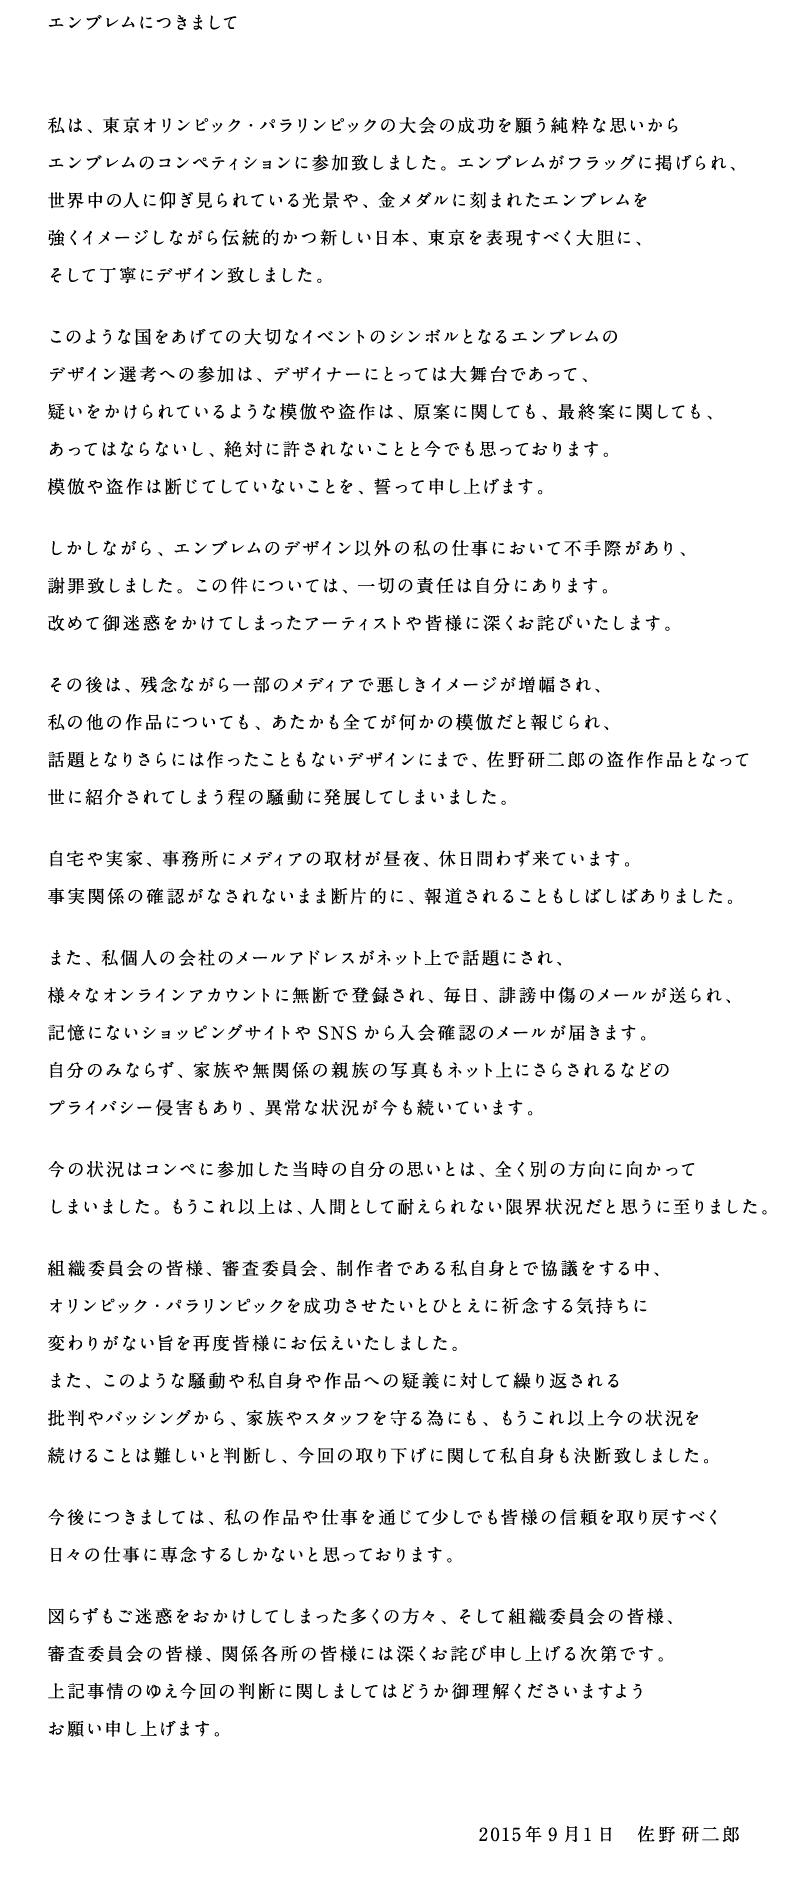 東京2020エンブレム 使い続けるという最悪事態は避けられた